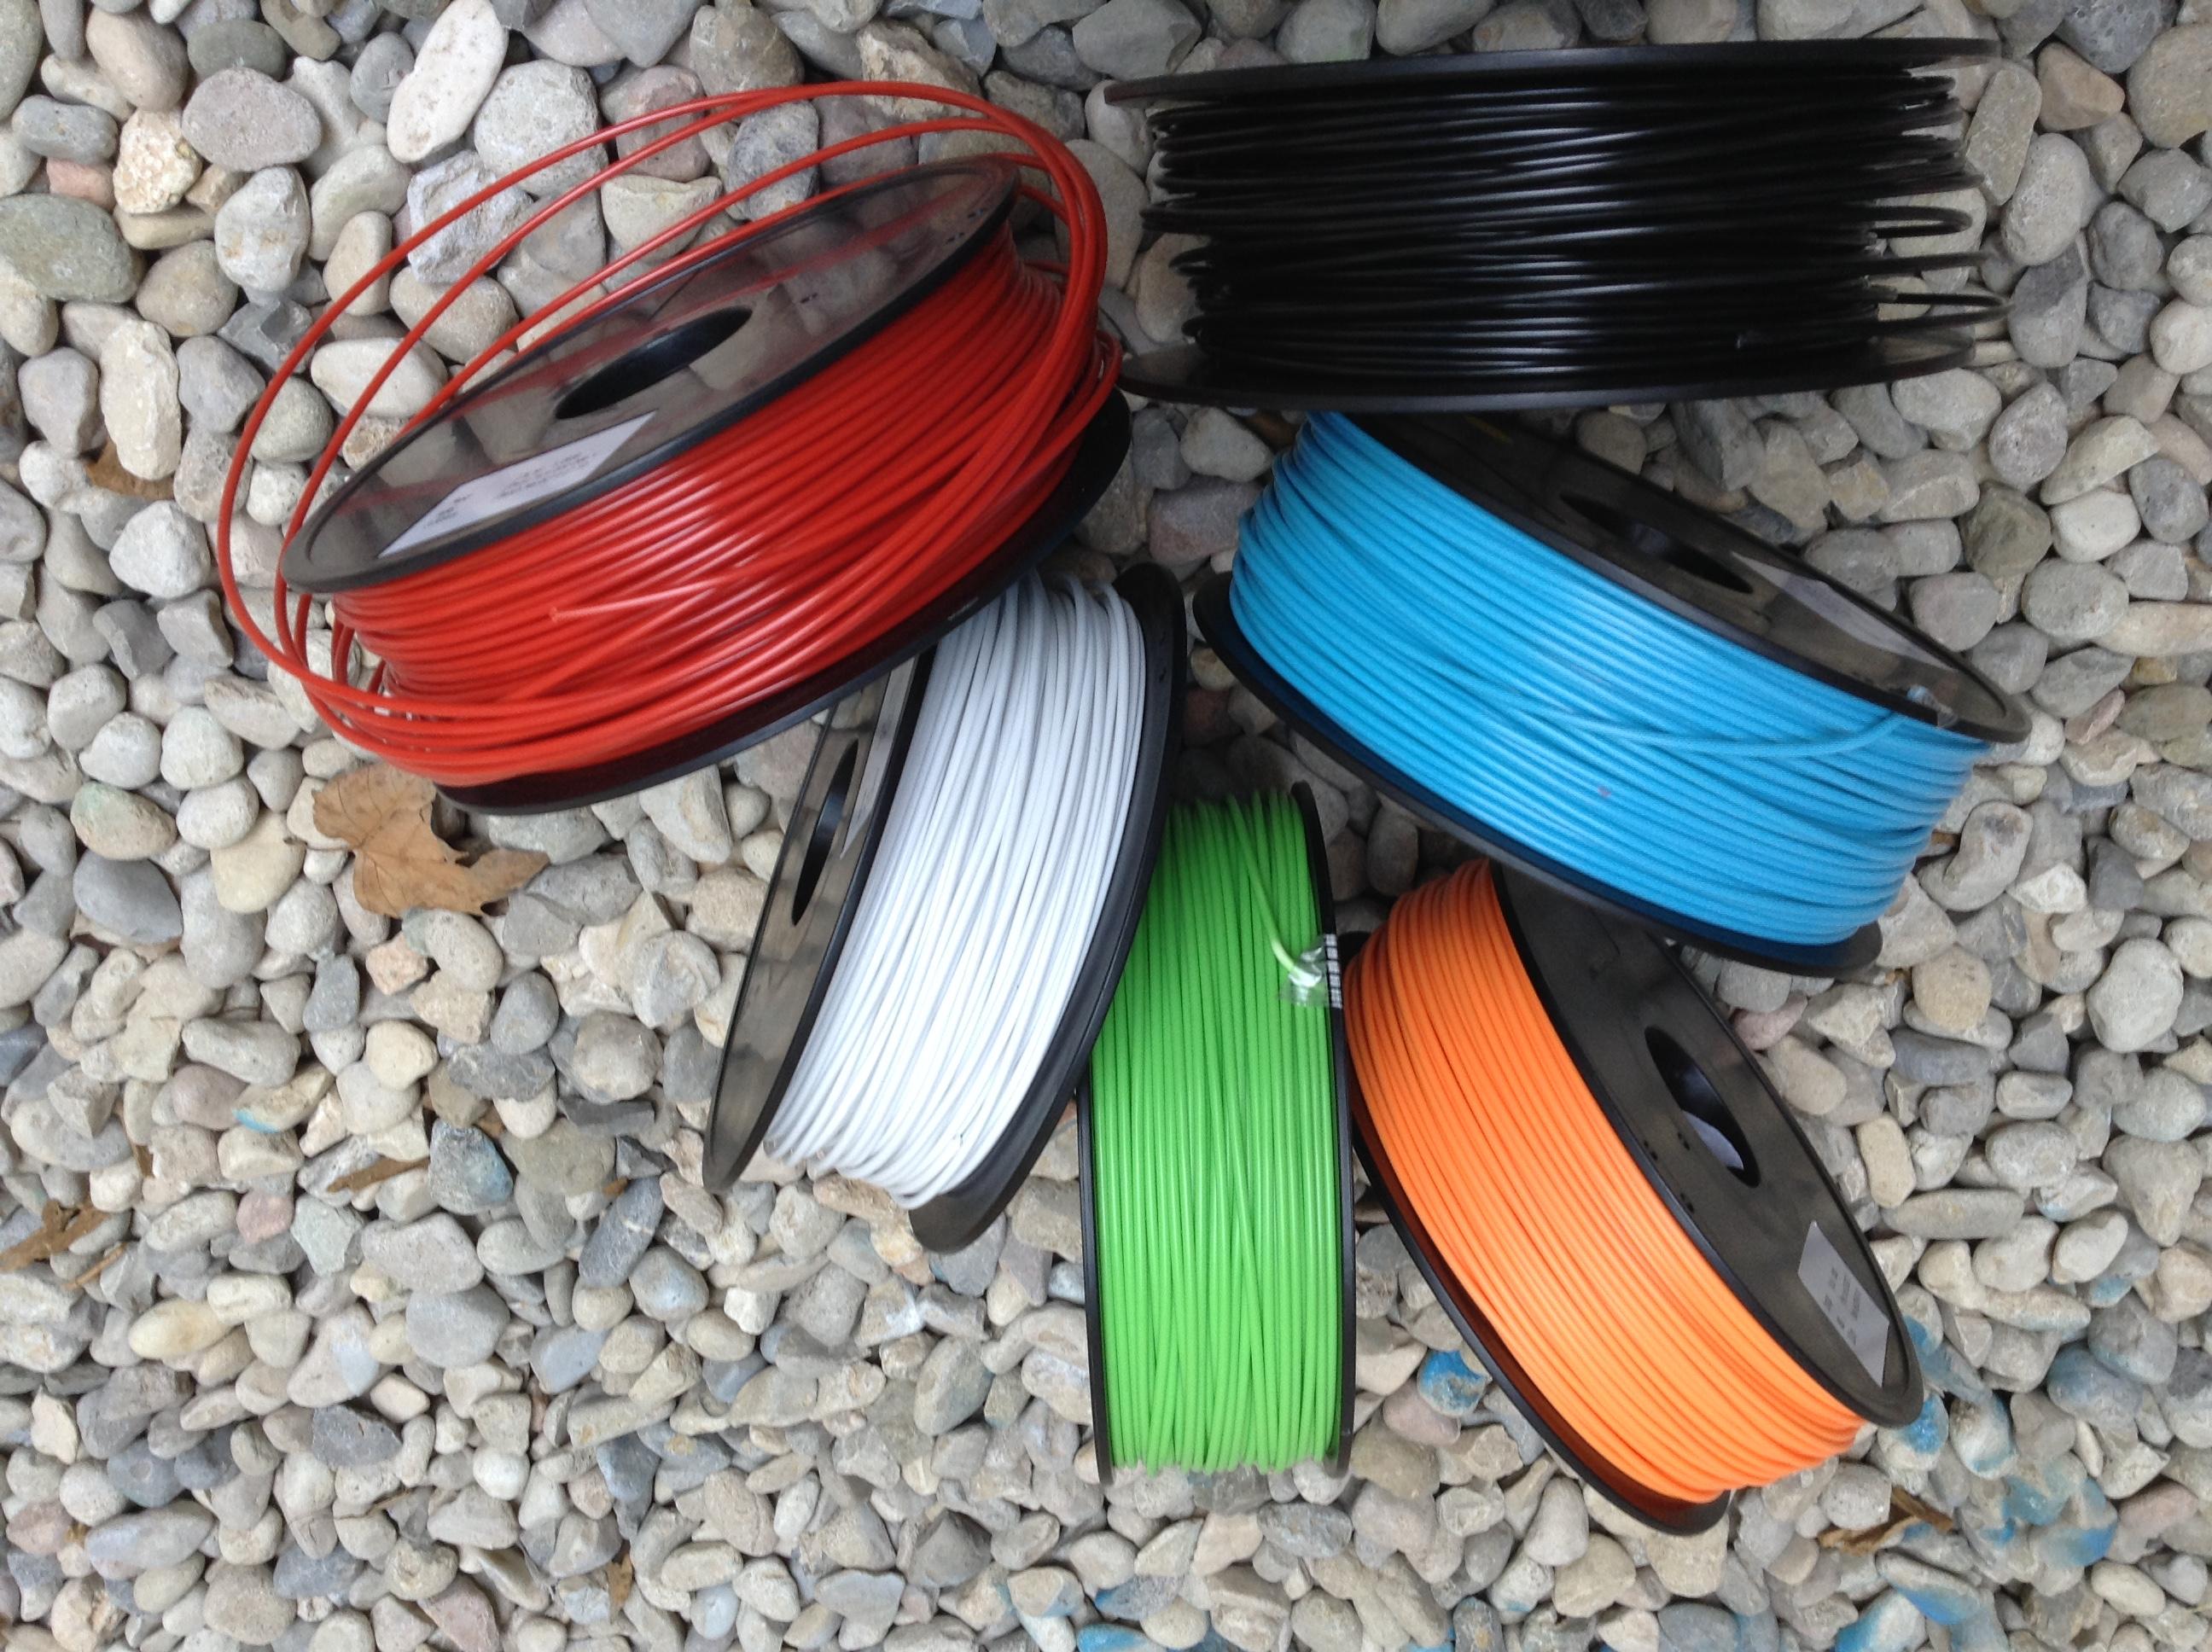 Imagen con los materiales de colores para impresión 3D. Negro, Rojo, Blanco, Cian, Naranja y Verde.